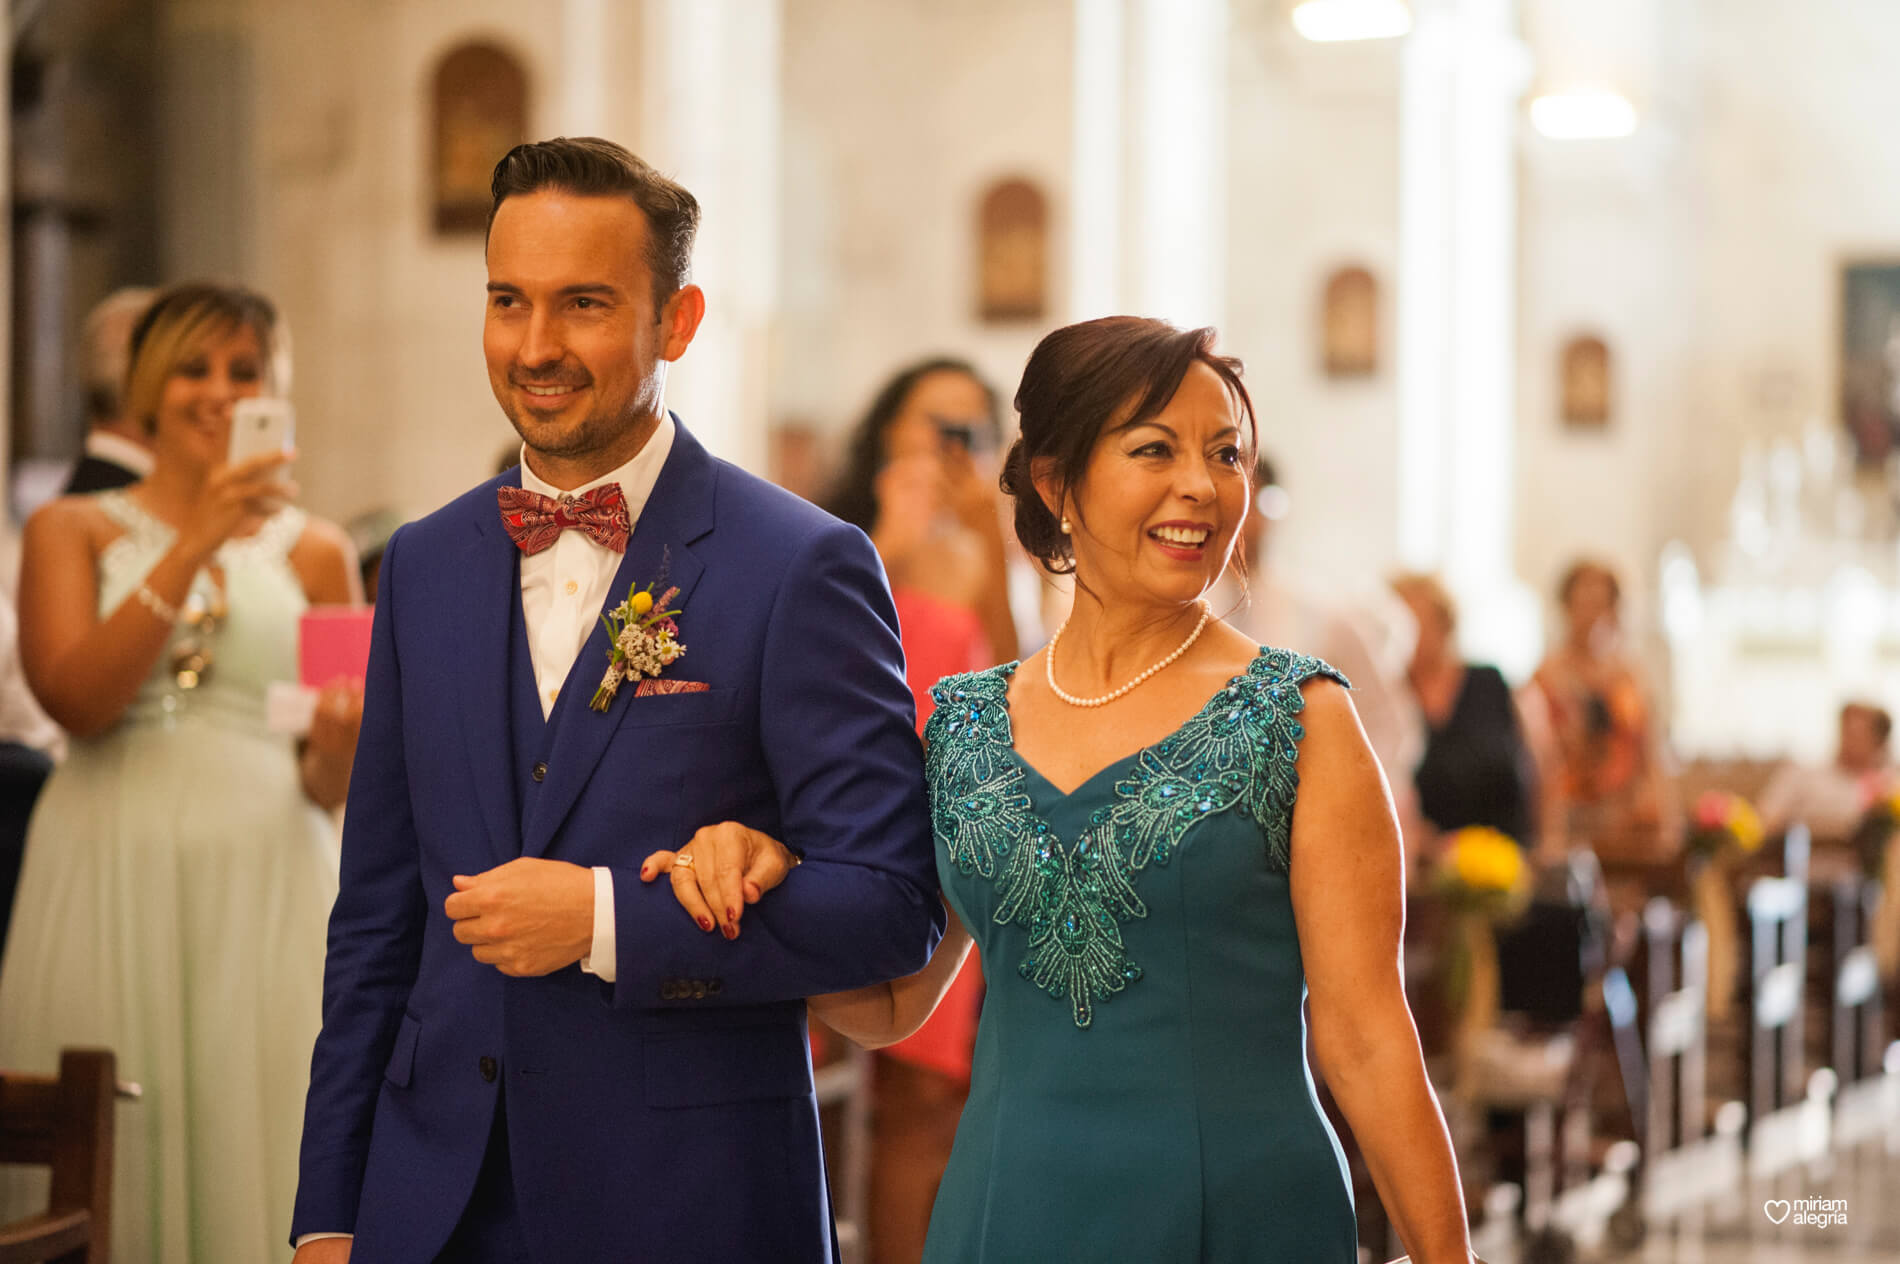 wedding-huerto-del-cura-elche-miriam-alegria-fotografos-boda-204